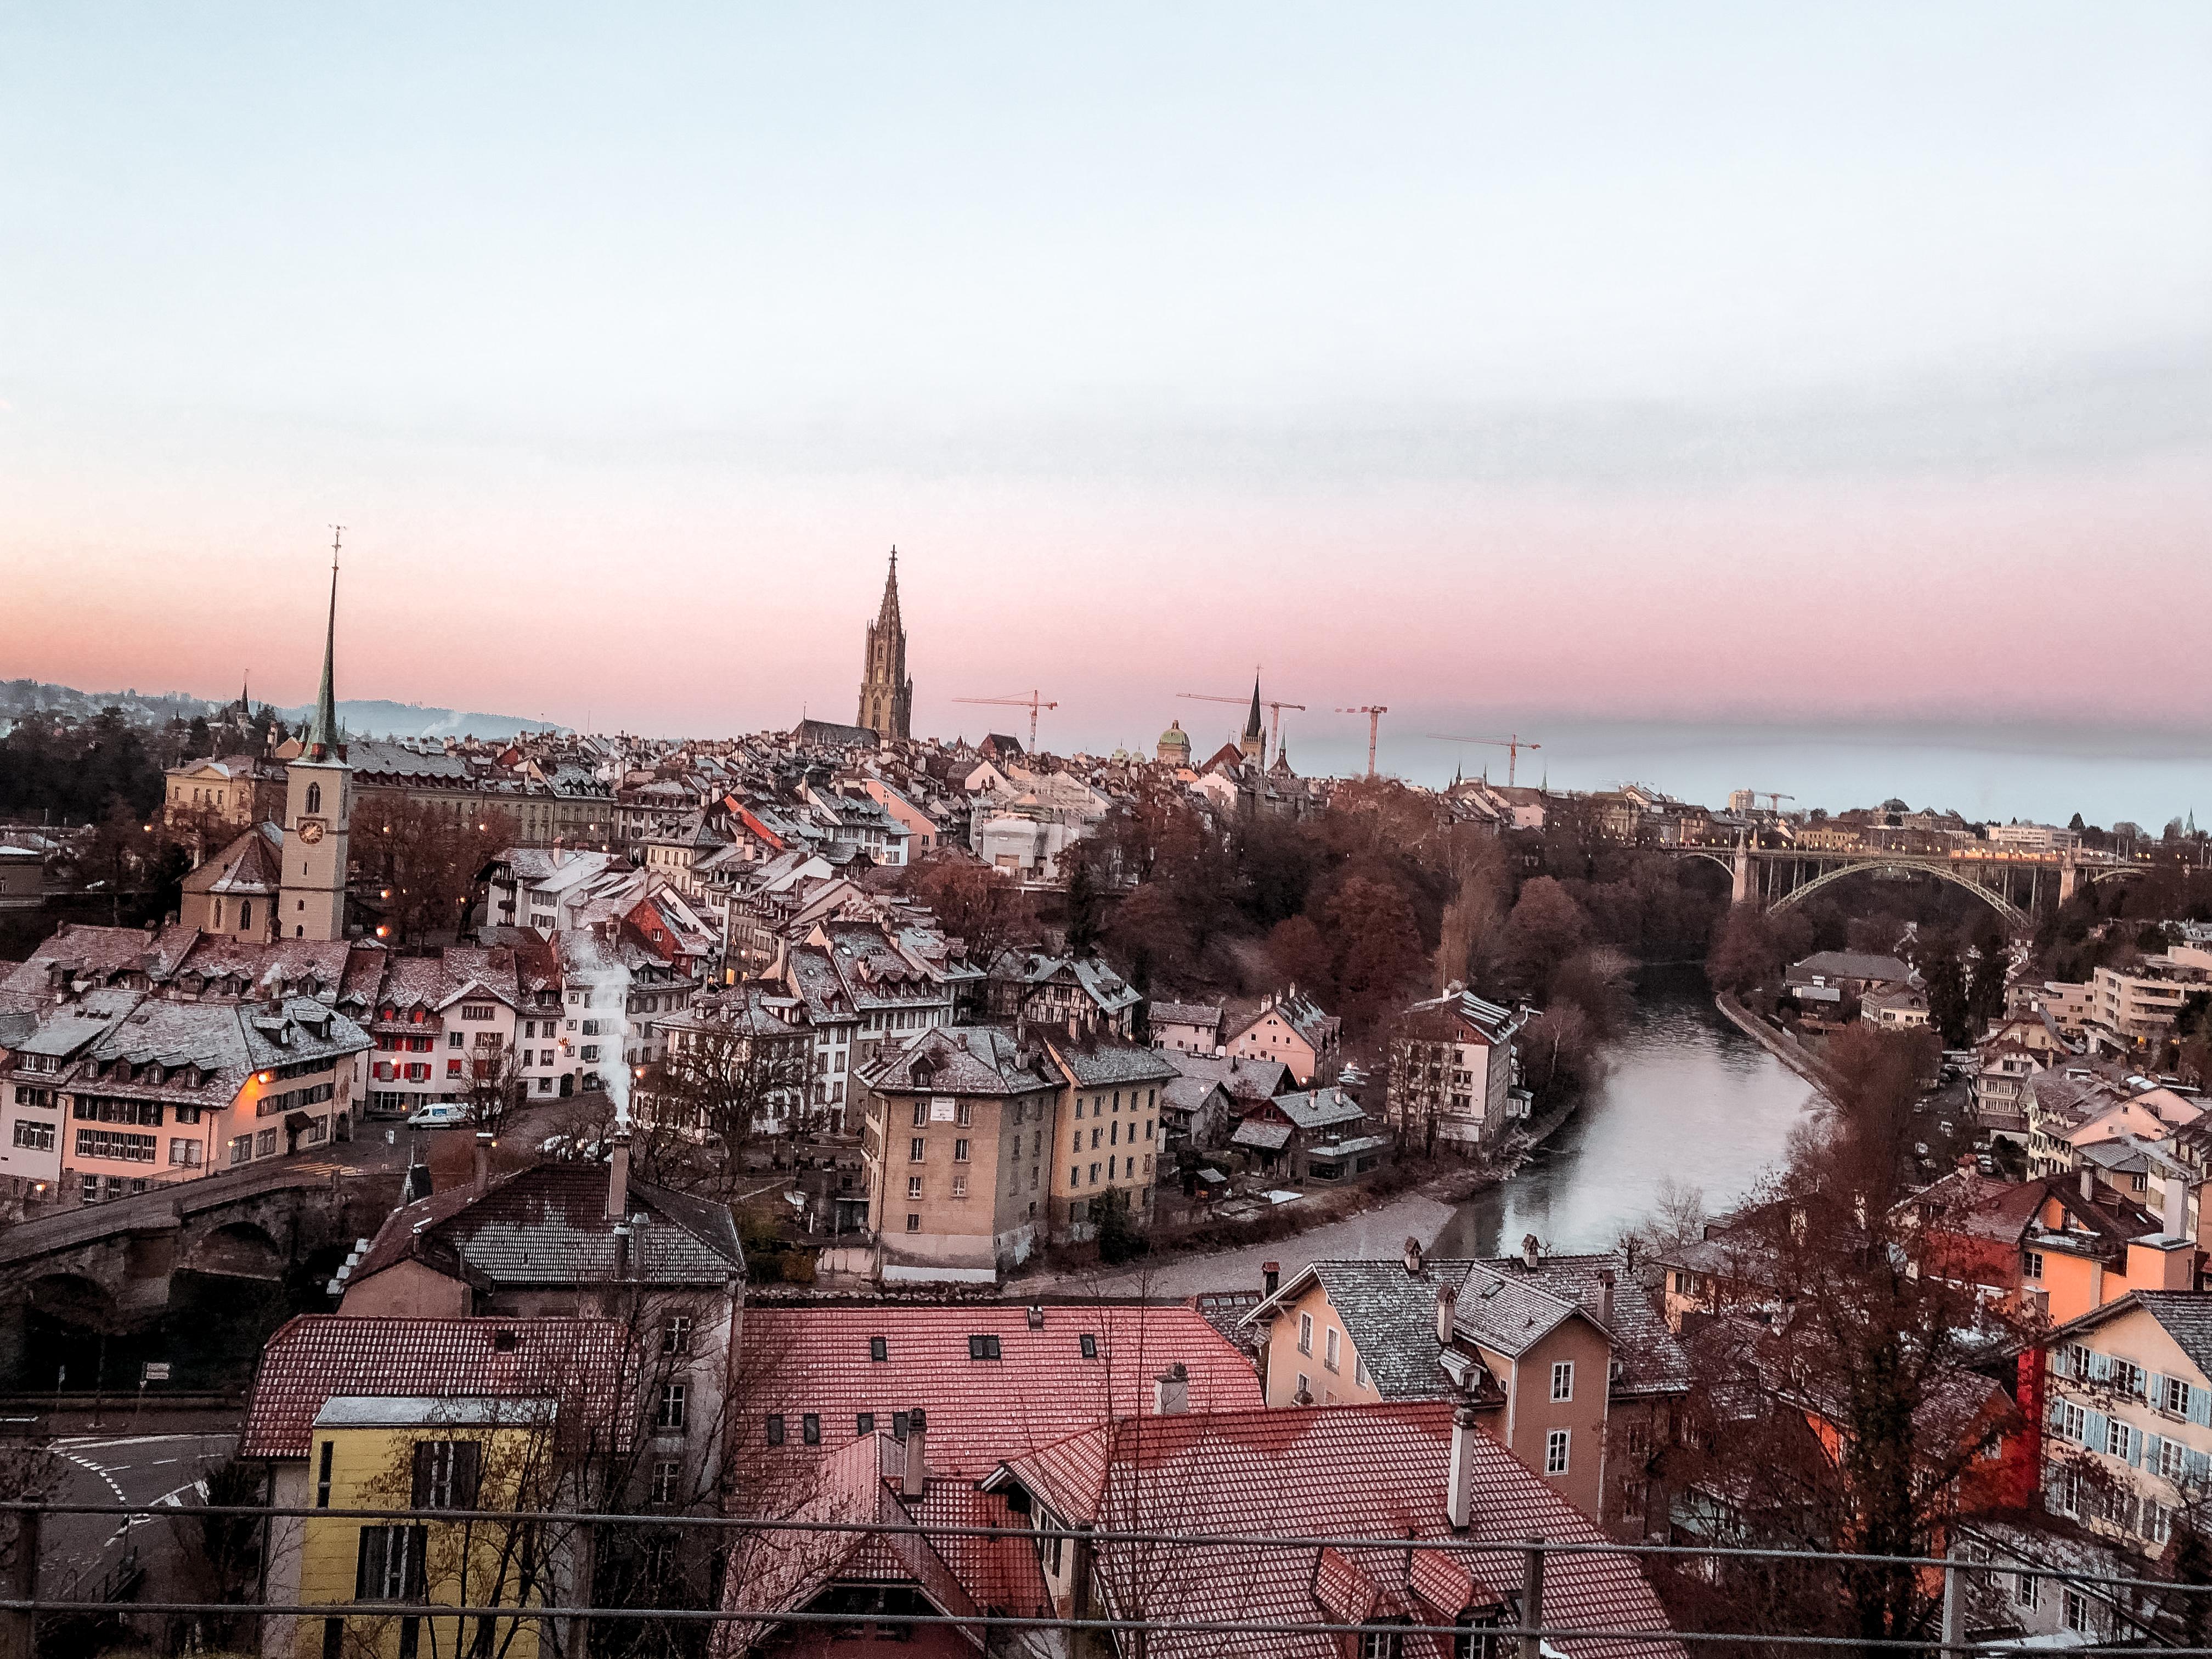 berna-svizzera-capitale-aare-fiume-alba-tramonto